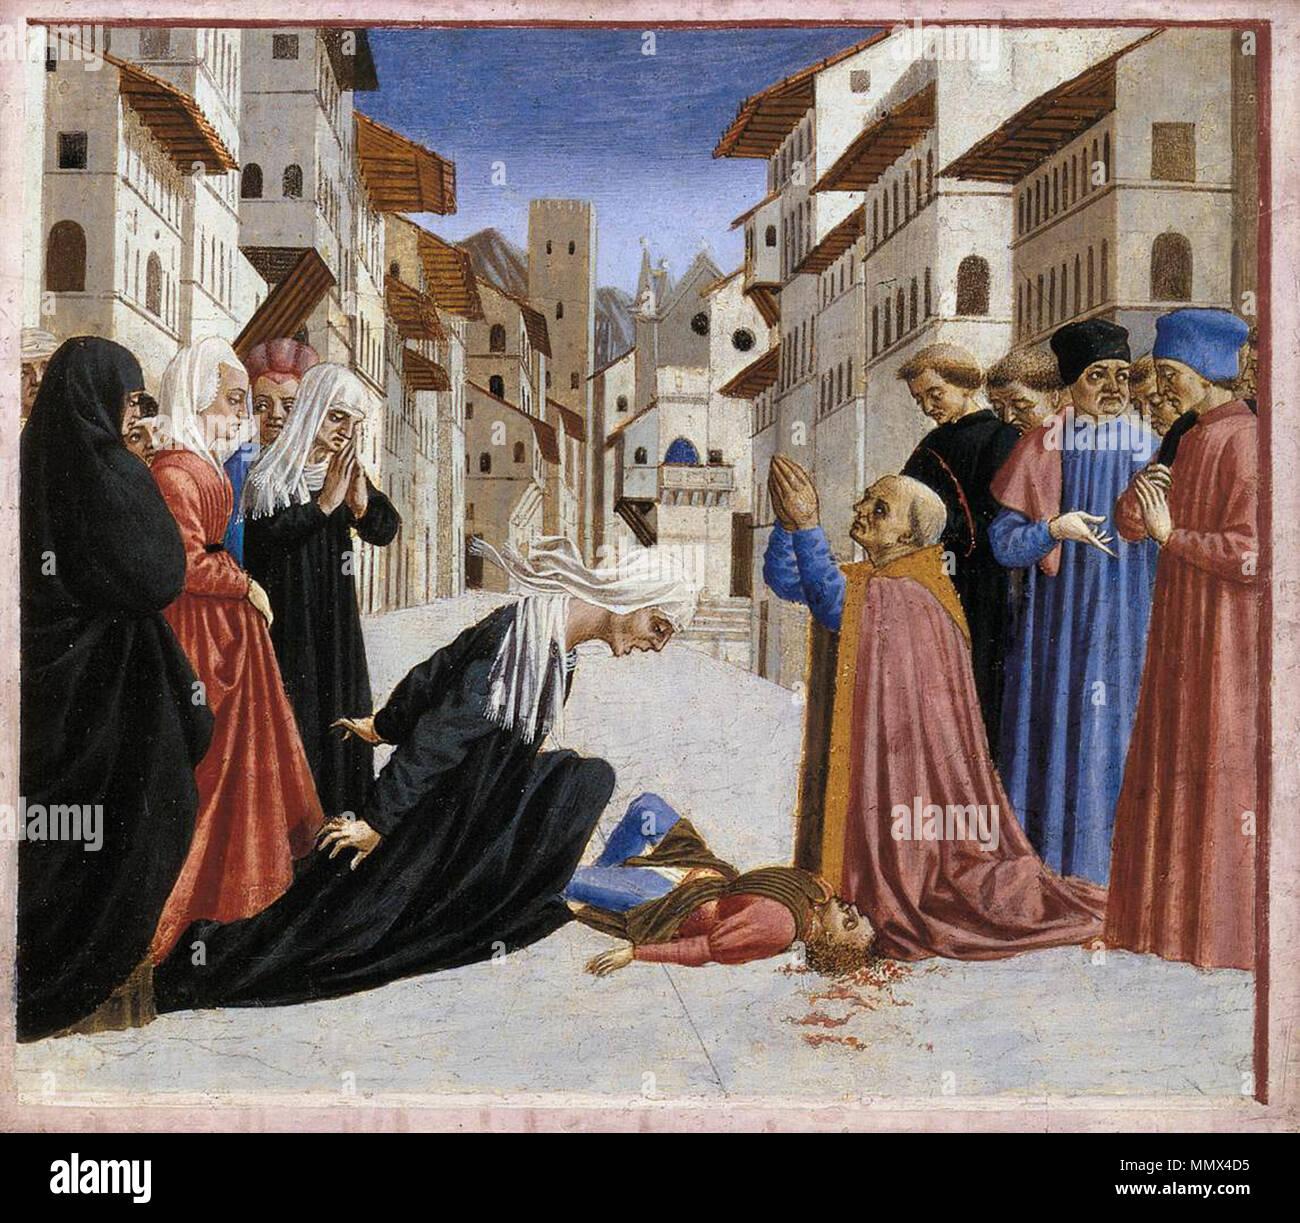 . predella 4  St Zenobius Performs a Miracle. circa 1445. Domenico Veneziano - St Zenobius Performs a Miracle (predella 4) - WGA06435 - Stock Image